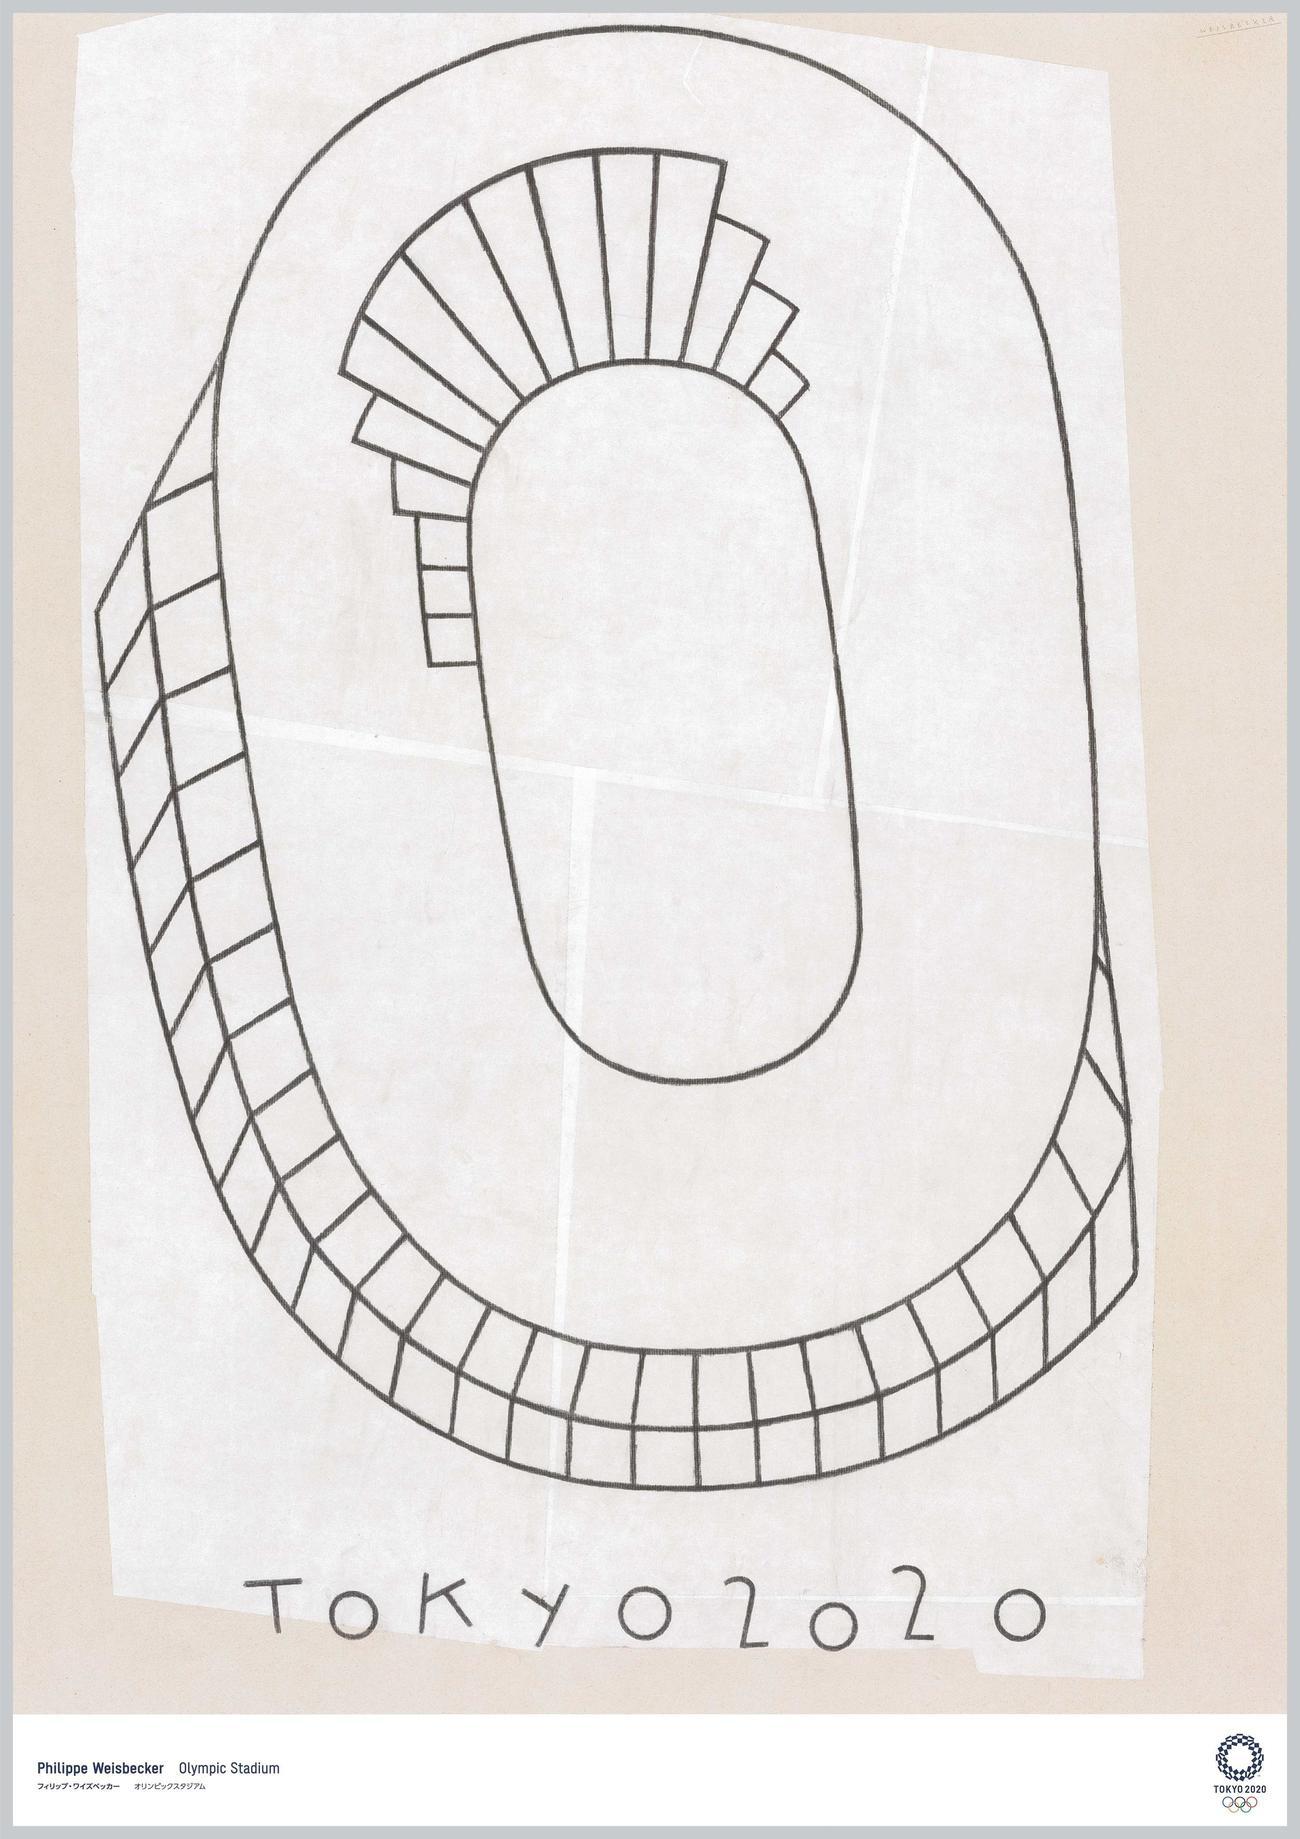 アーティストのフィリップ・ワイズベッカー氏が手掛けたオリンピックをテーマにした作品「オリンピックスタジアム」@Tokyo2020